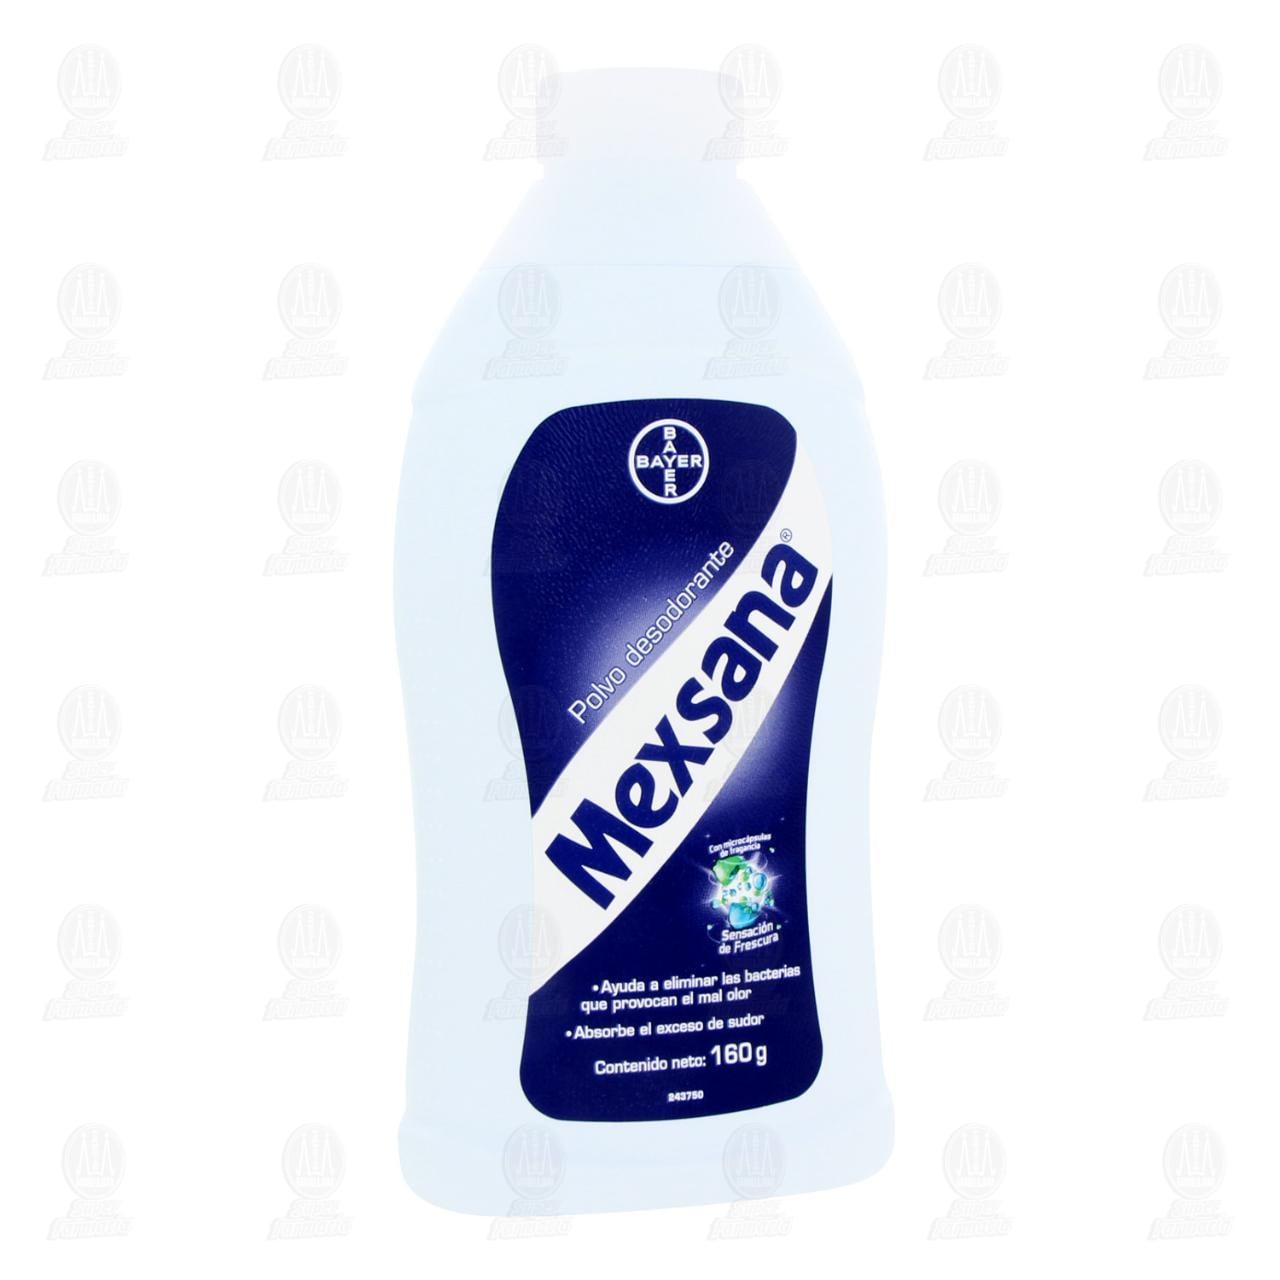 Comprar Mexsana Polvo Desodorante, 160 gr. en Farmacias Guadalajara